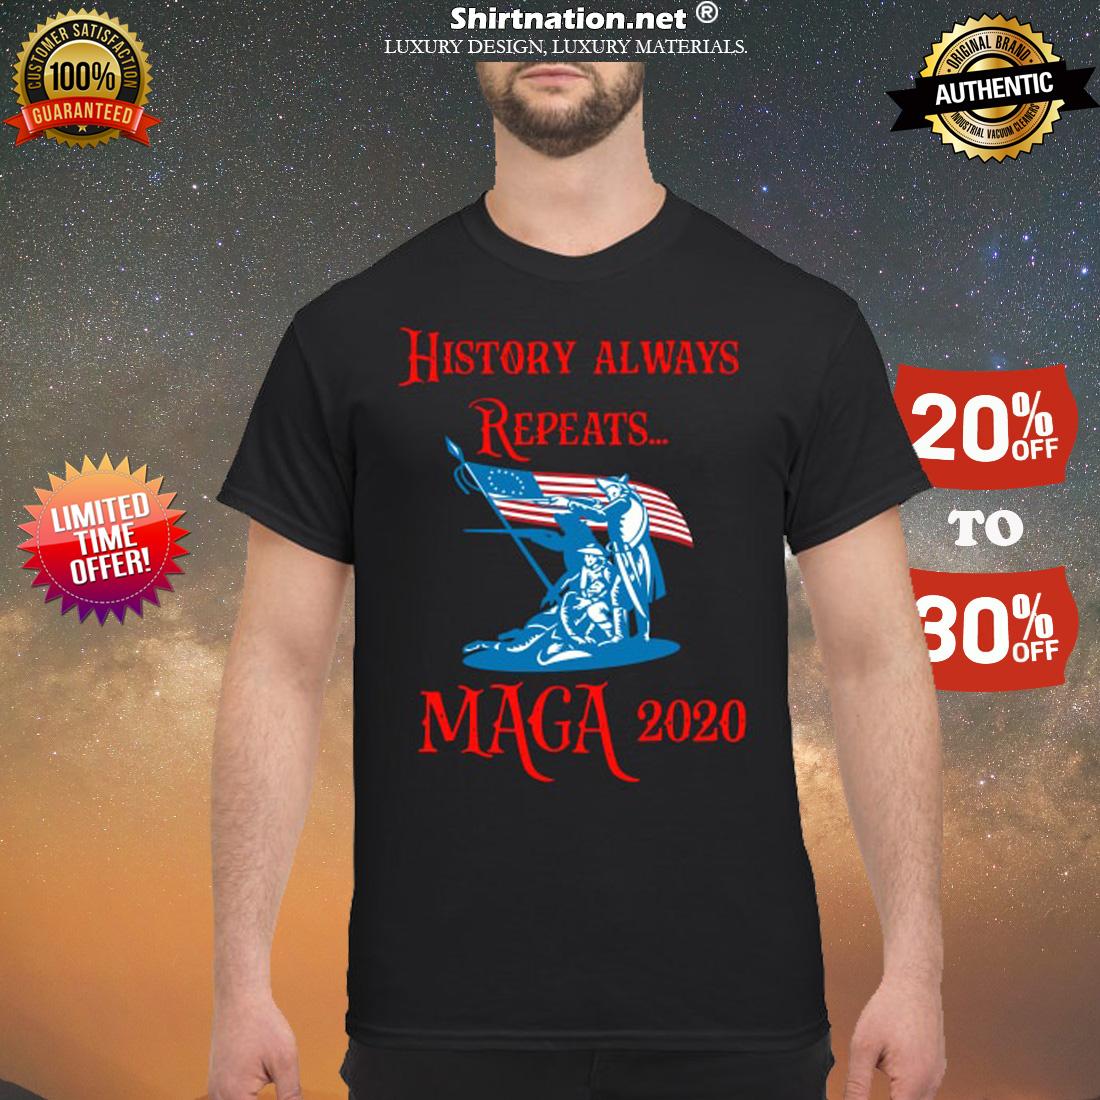 History always repeats Maga 2020 shirt